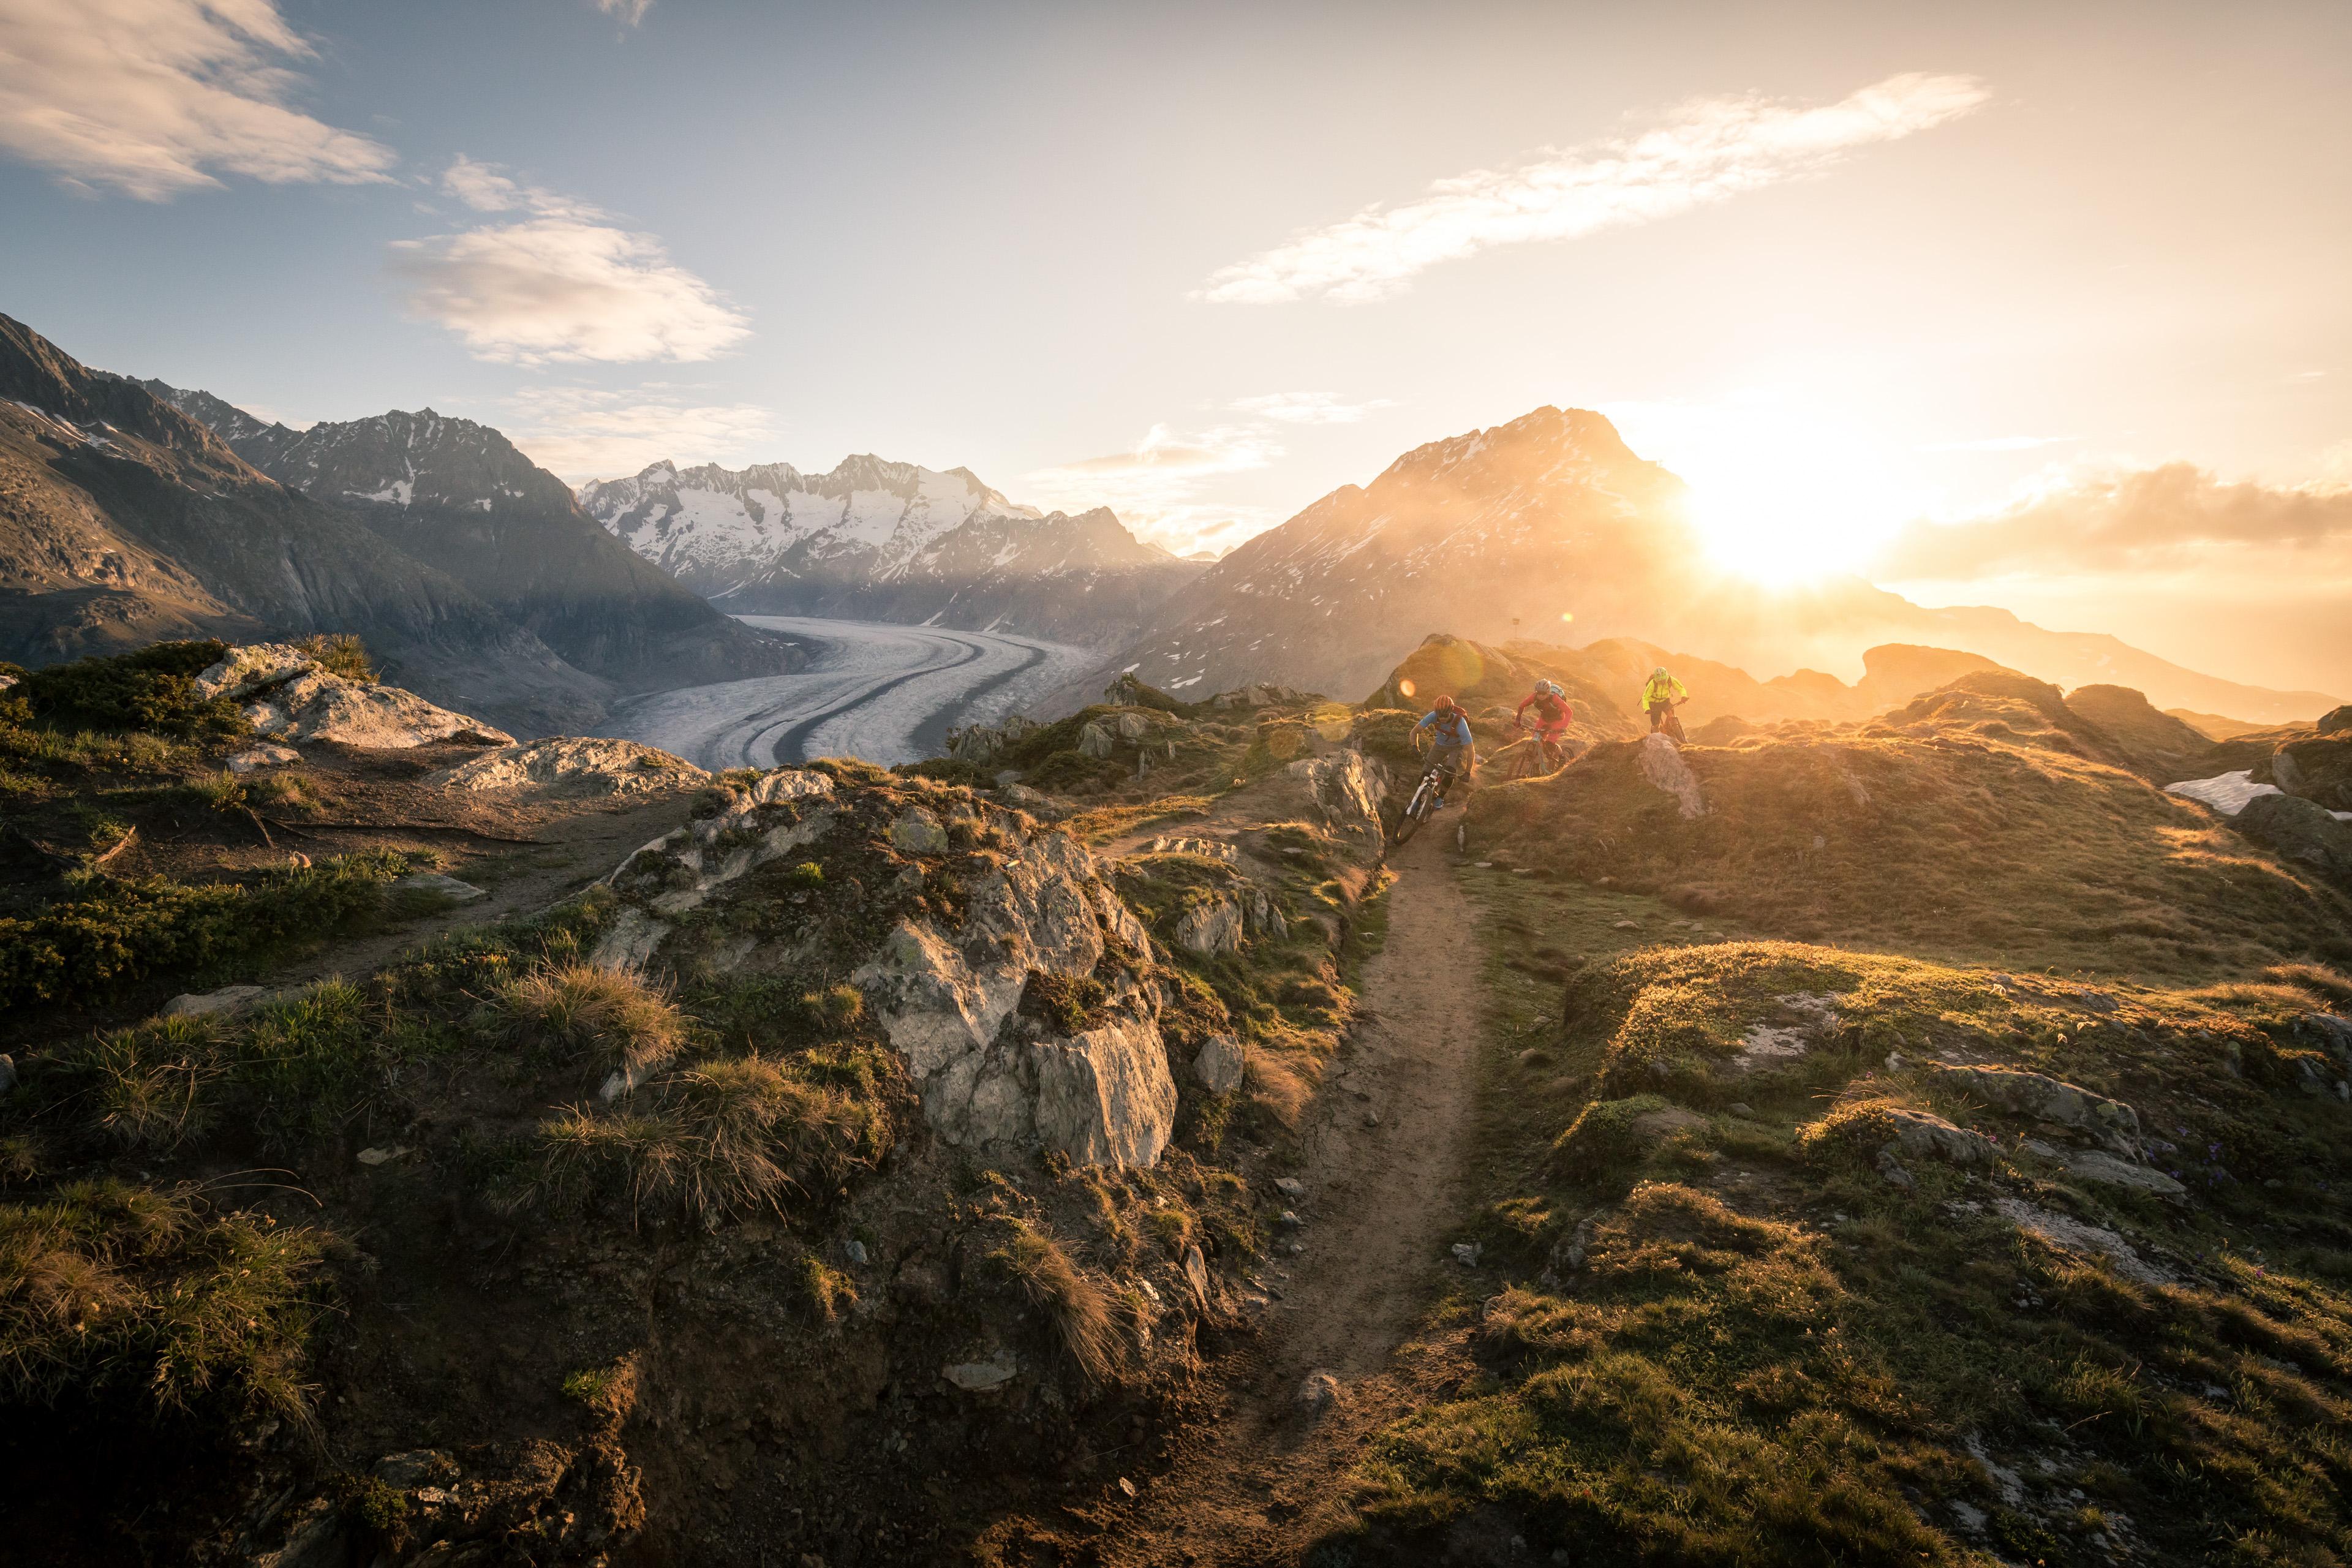 Blick auf den grossen Aletschgletscher mit Biker, die die ersten Sonnenstrahlen des frühen Morgens ausnützen